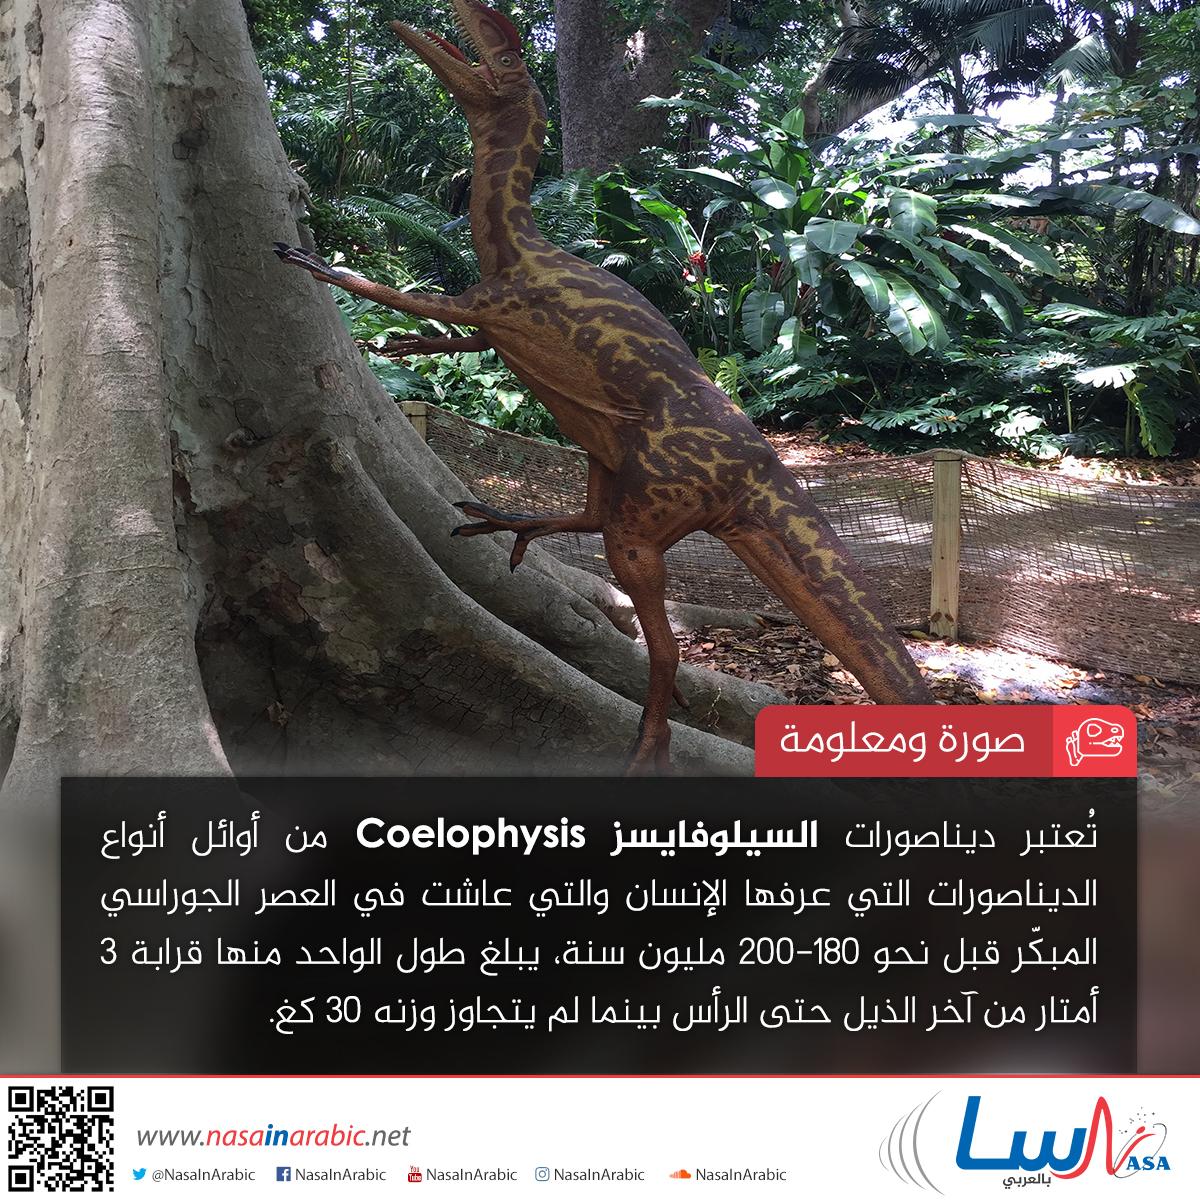 السيلوفايسز Coelophysis